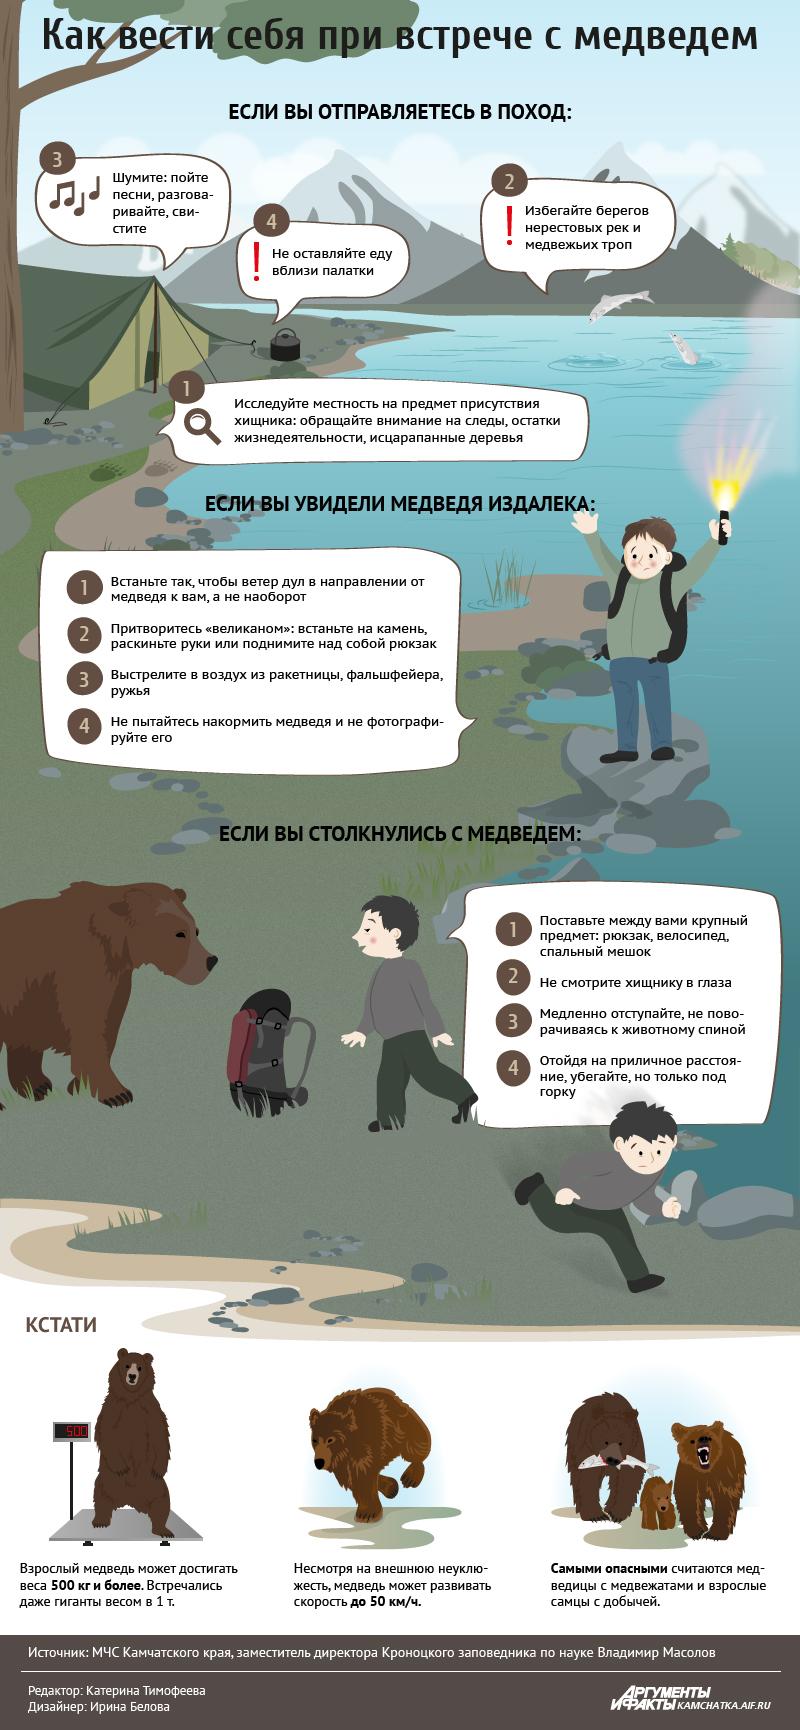 Как вести себя при встрече с медведем.